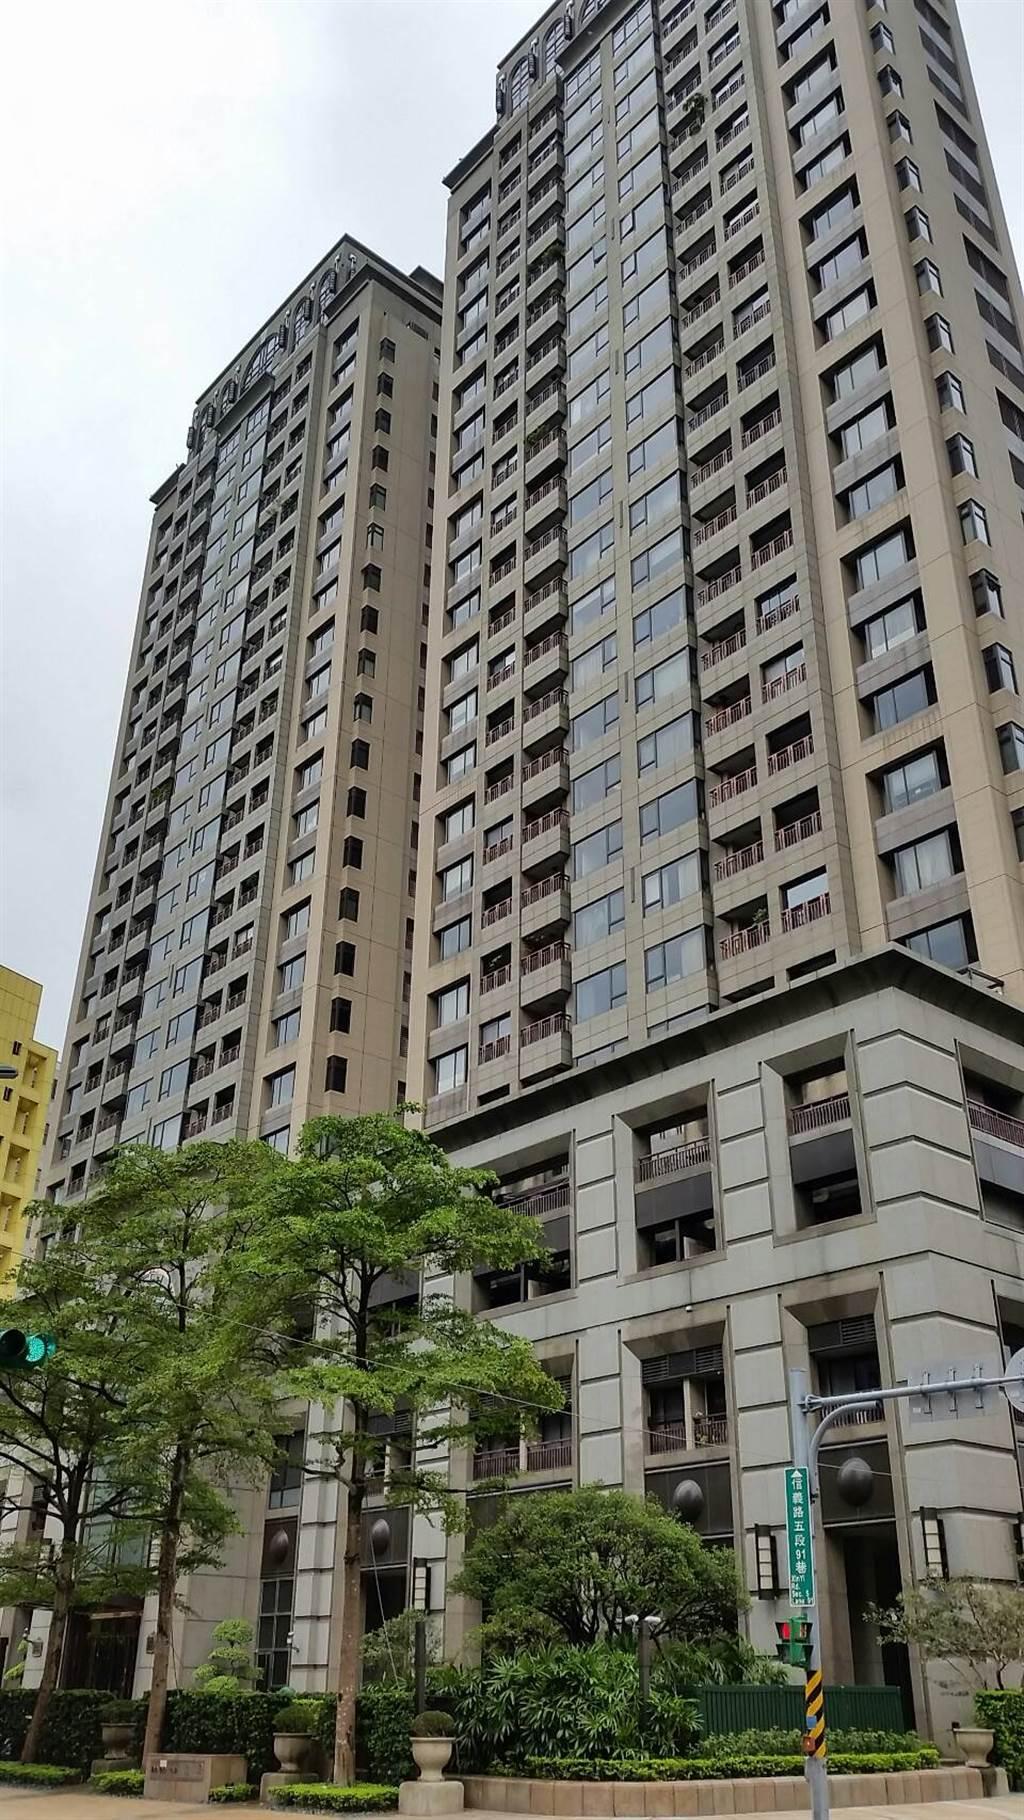 信義區豪宅「冠德遠見」揭露一筆交易,總價僅4230萬,賣方持有2年轉售小賺150萬。(台灣房屋提供)